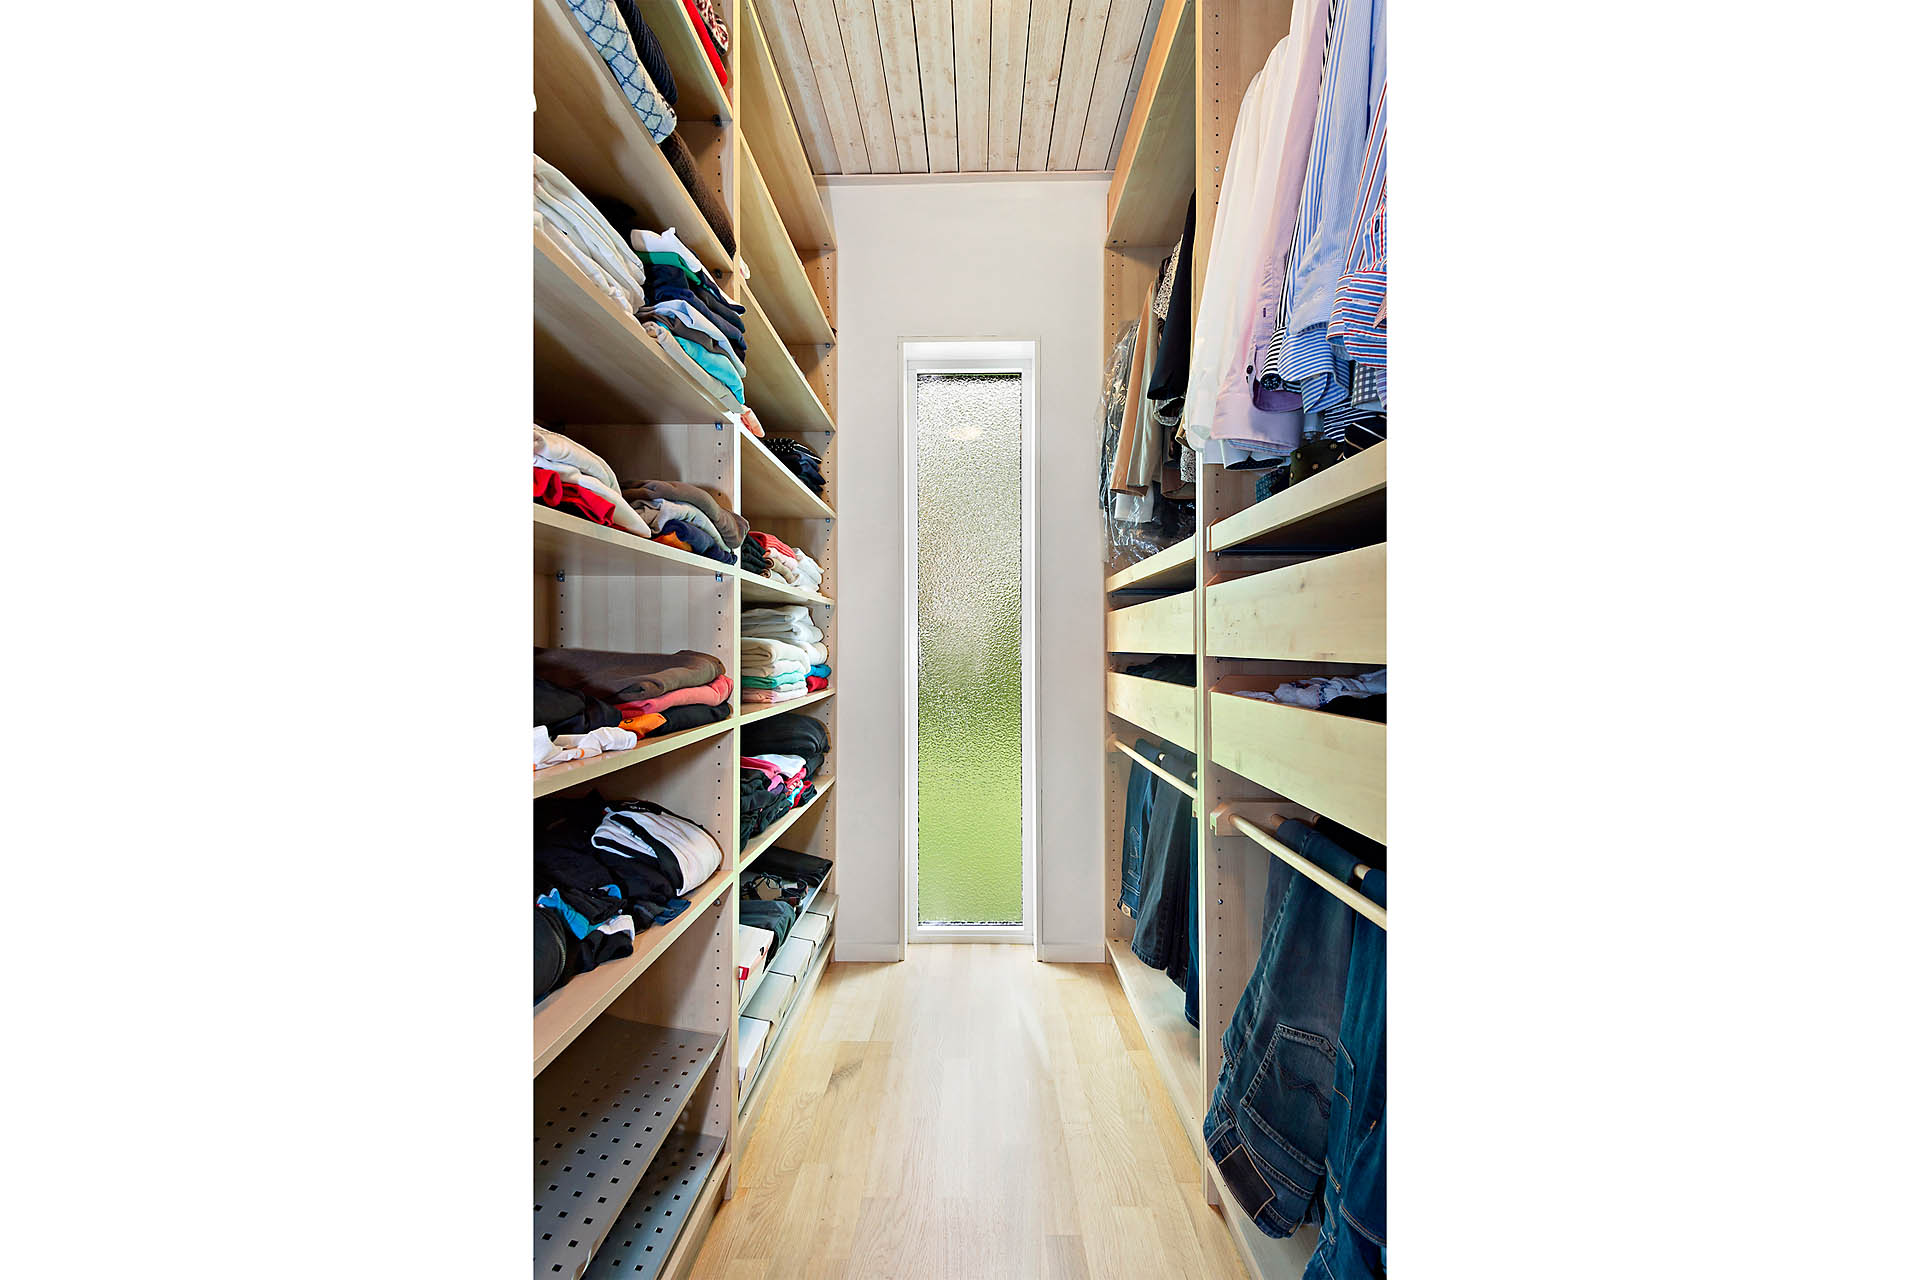 Walk-in-closet i anslutning till master bedroom på entréplan.